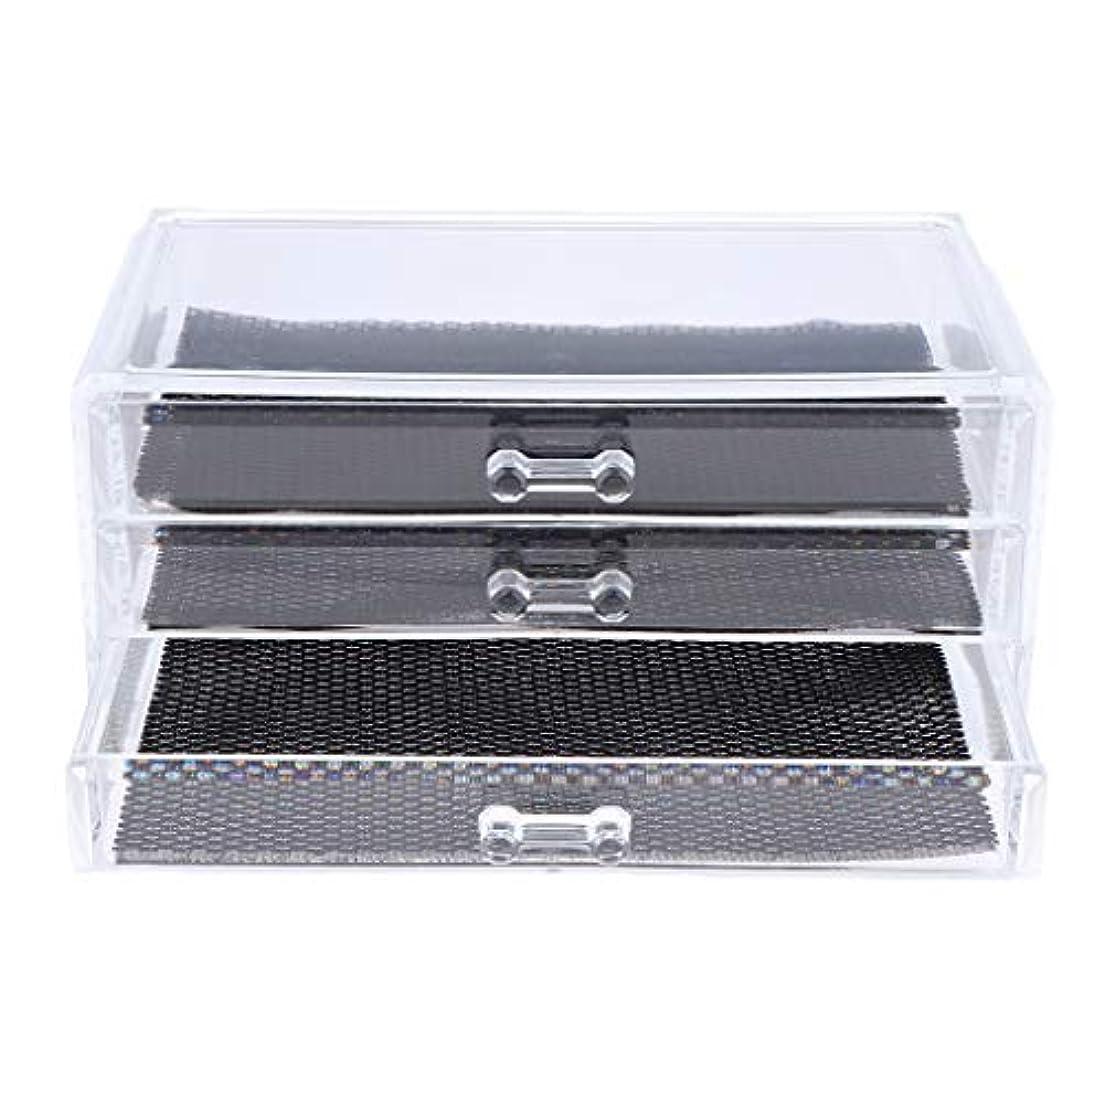 夕食を食べるミンチ相手Perfeclan 化粧品収納ボックス メイクケース 化粧品収納整理 防塵 透明 コスメ収納ボックス 引き出し式 全3種 - 3つの引き出し